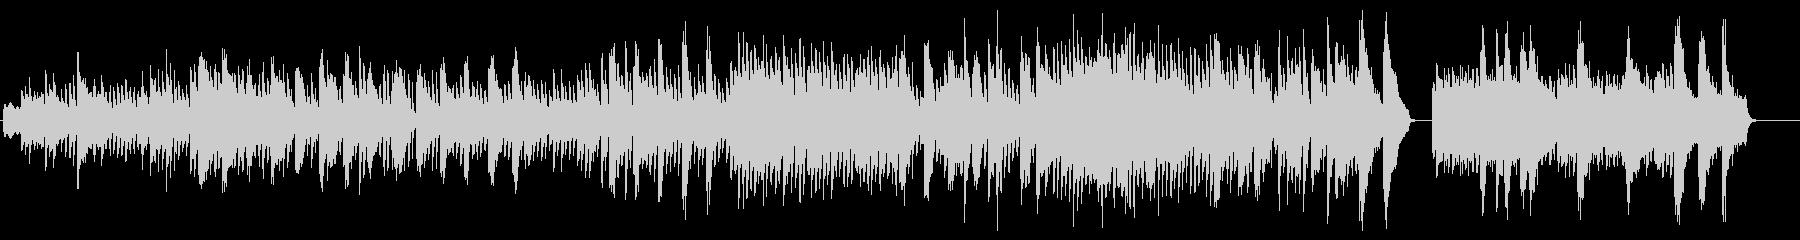 ピアノの古典的な曲の未再生の波形